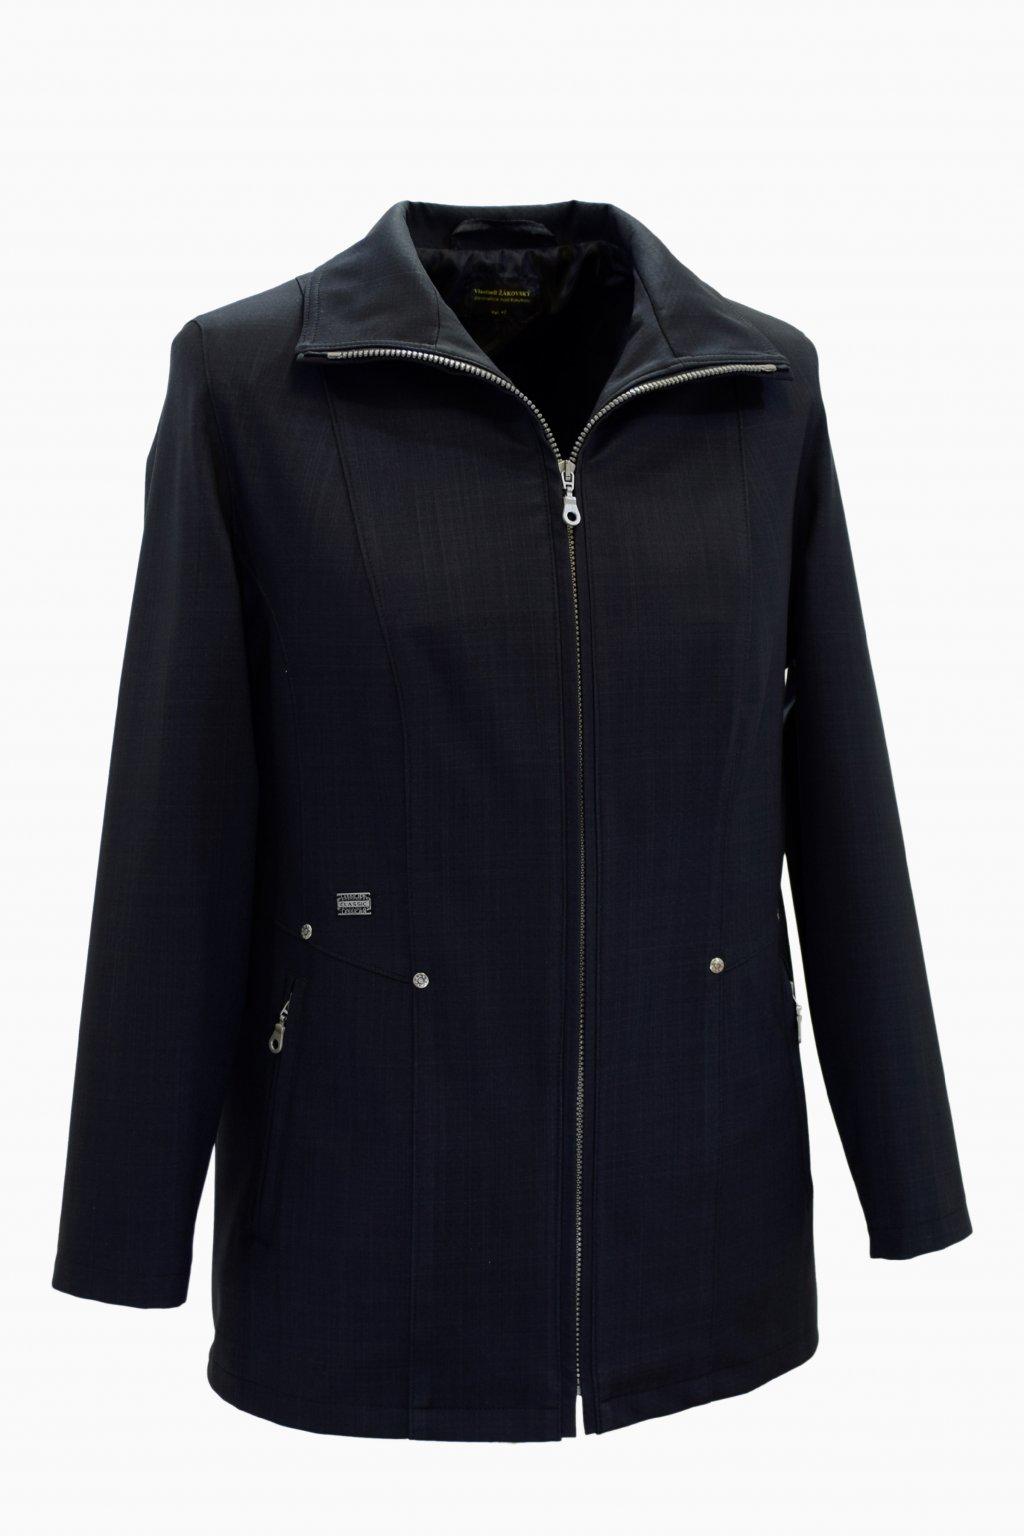 Dámská černá jarní bunda Milena nadměrné velikosti